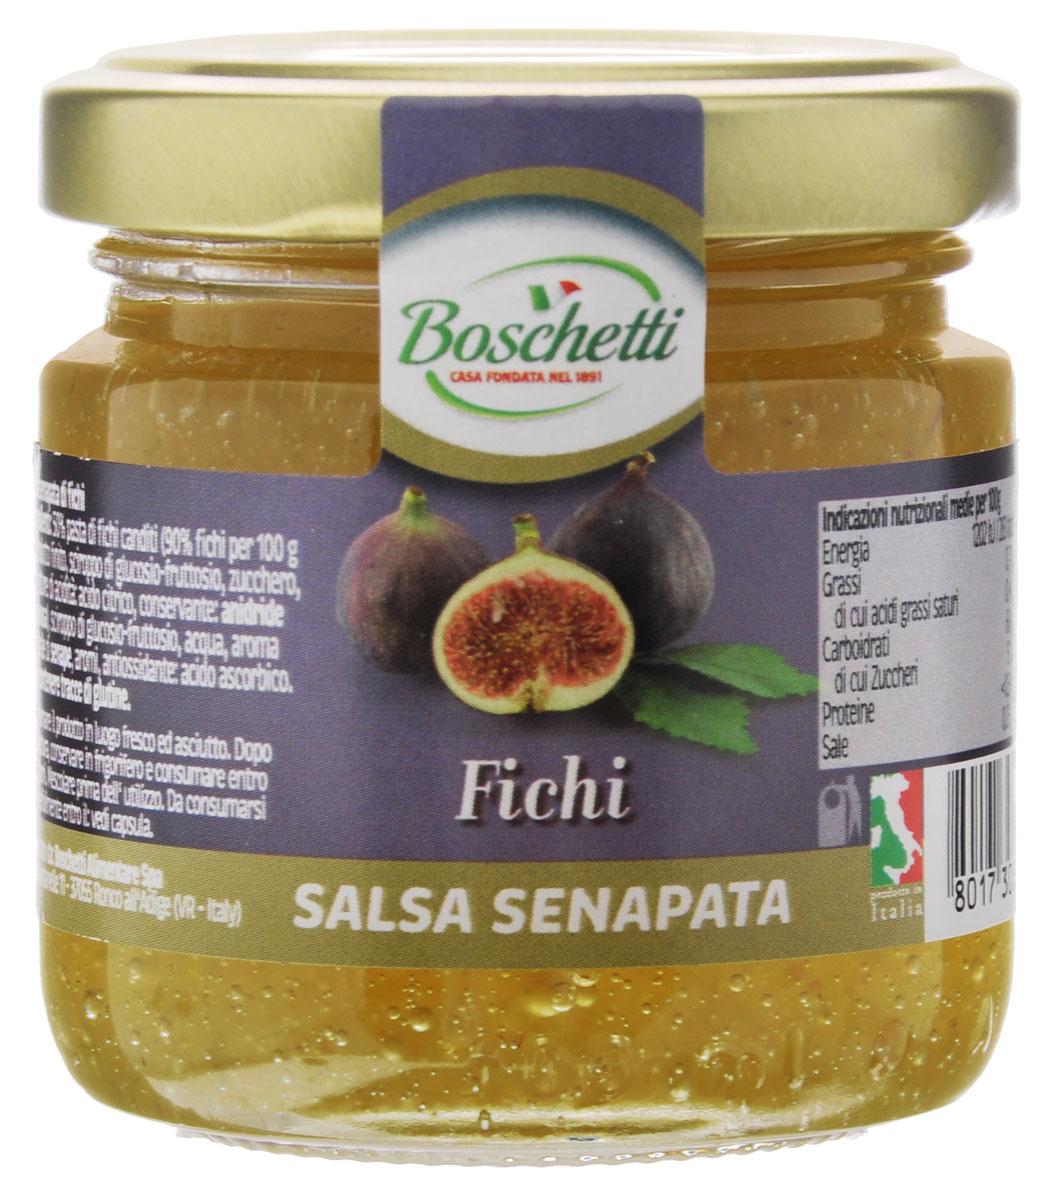 Boschetti Fichi соус сальса, 120 гSP#6435AYВ основе горчичного соуса Boschetti Fichi лежат горчица и фрукты, подобранные итальянскими кулинарами в нужных пропорциях. Соус имеет в своем составе глюкозный сироп, в результате чего он приобрел мягкую кремовую консистенцию. Уникальное сочетание инжира и горчицы волею итальянских мастеров дает неповторимый вкус. Вкусовая гамма Boschetti наполнена итальянским солнцем и дивным ароматом. Соус может стать основой для множества рецептов. Кроме того, его можно использовать как дополнение к уже готовому блюду. Более всего Boschetti оригинально смотрится на сэндвиче или тартинке. С ним даже обычная утренняя яичница станет деликатесом, а традиционное утреннее чаепитие превратится в полноценный и вкусный завтрак. Состав: паста инжирная с сахаром 50% (90% инжира на 100 г готового продукта: сироп глюкозы- фруктозы, сахар, регулятор кислотности (лимонная кислота), консервант (ангидрид), сироп глюкозы-фруктозы, вода, натуральный ...